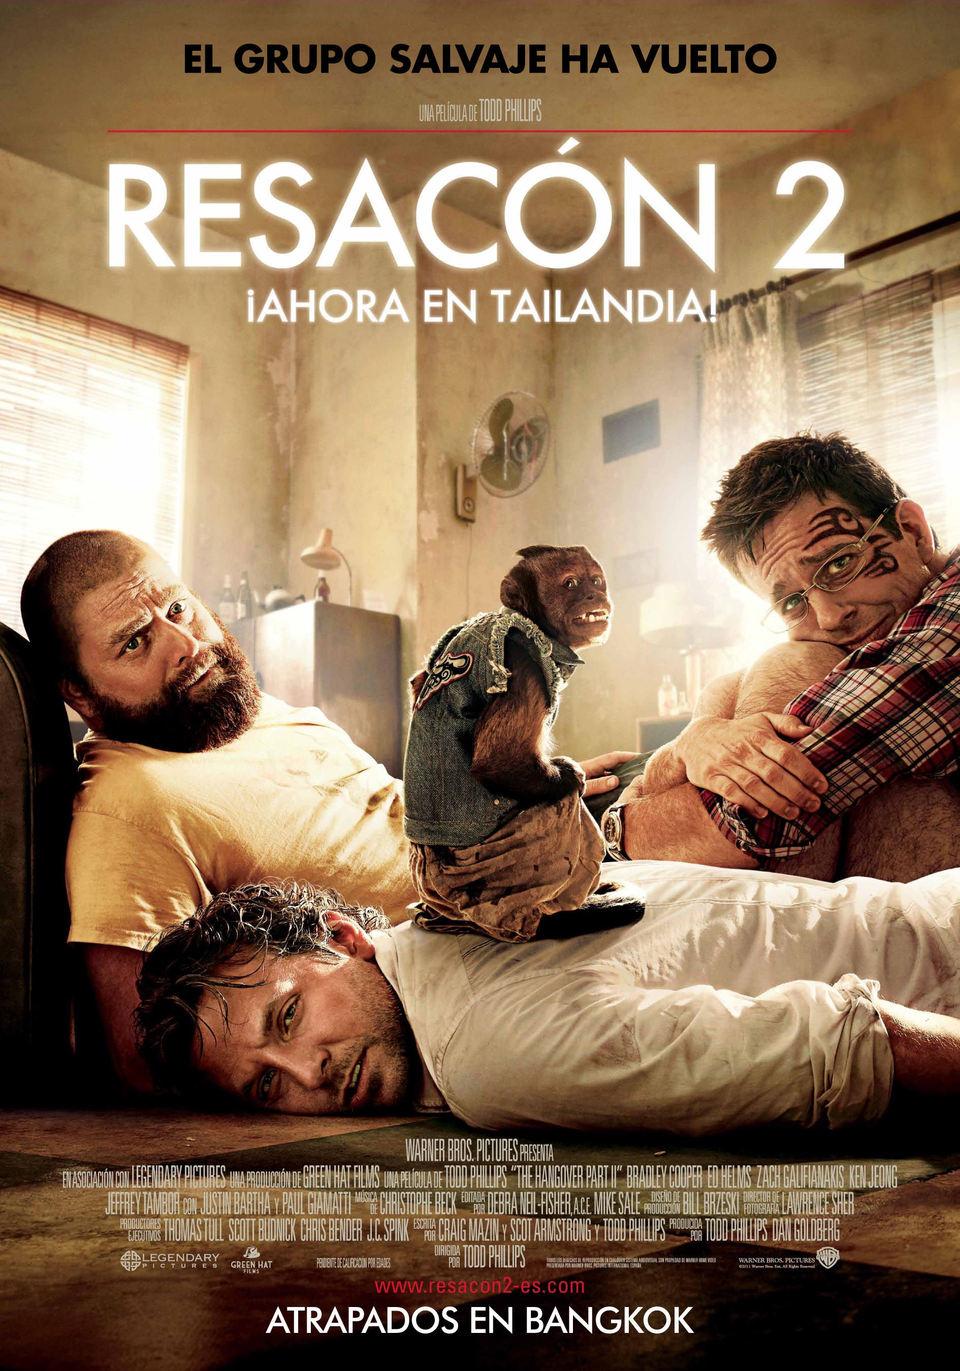 Cartel de Resacón 2 ¡Ahora en Tailandia! protagonizada por Bradley Cooper, Ed Helms y Zach Galifianakis